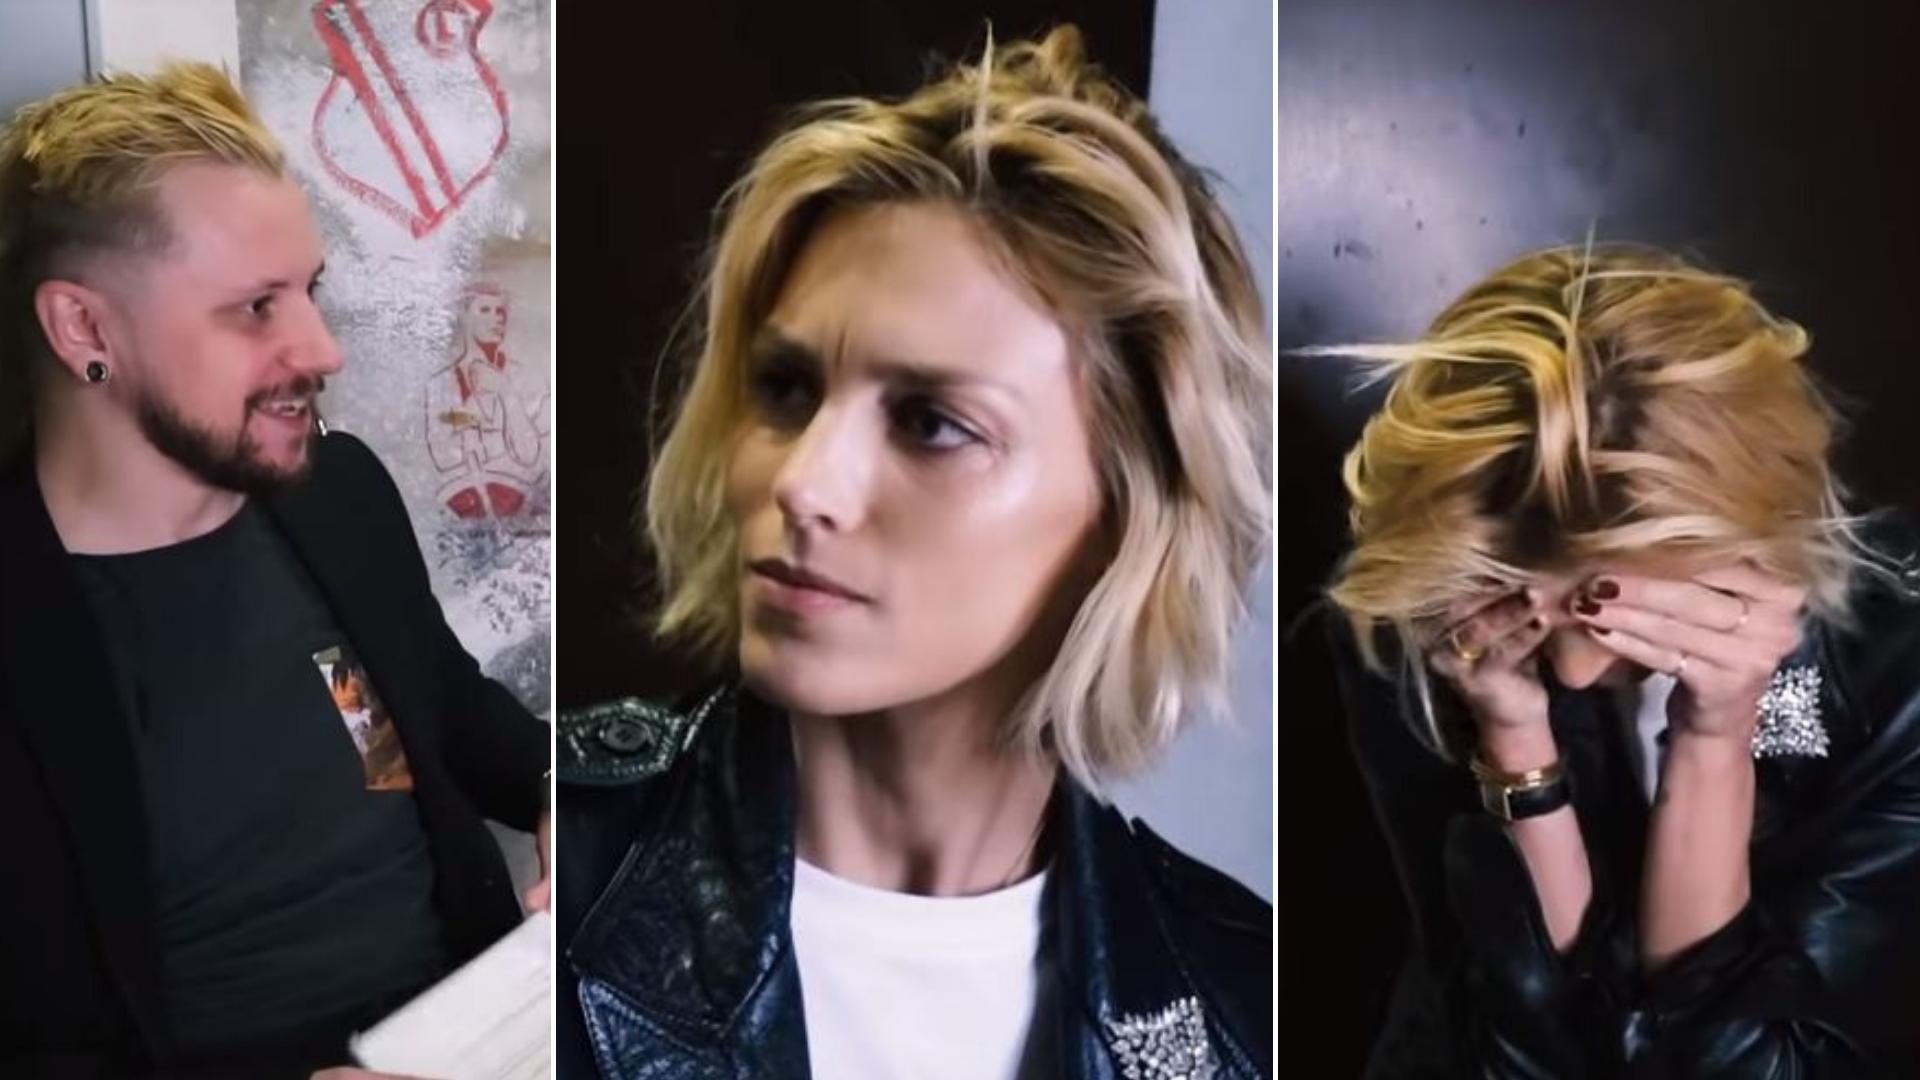 Anja Rubik po wywiadzie: Maciek, skontaktuje się z tobą mój prawnik